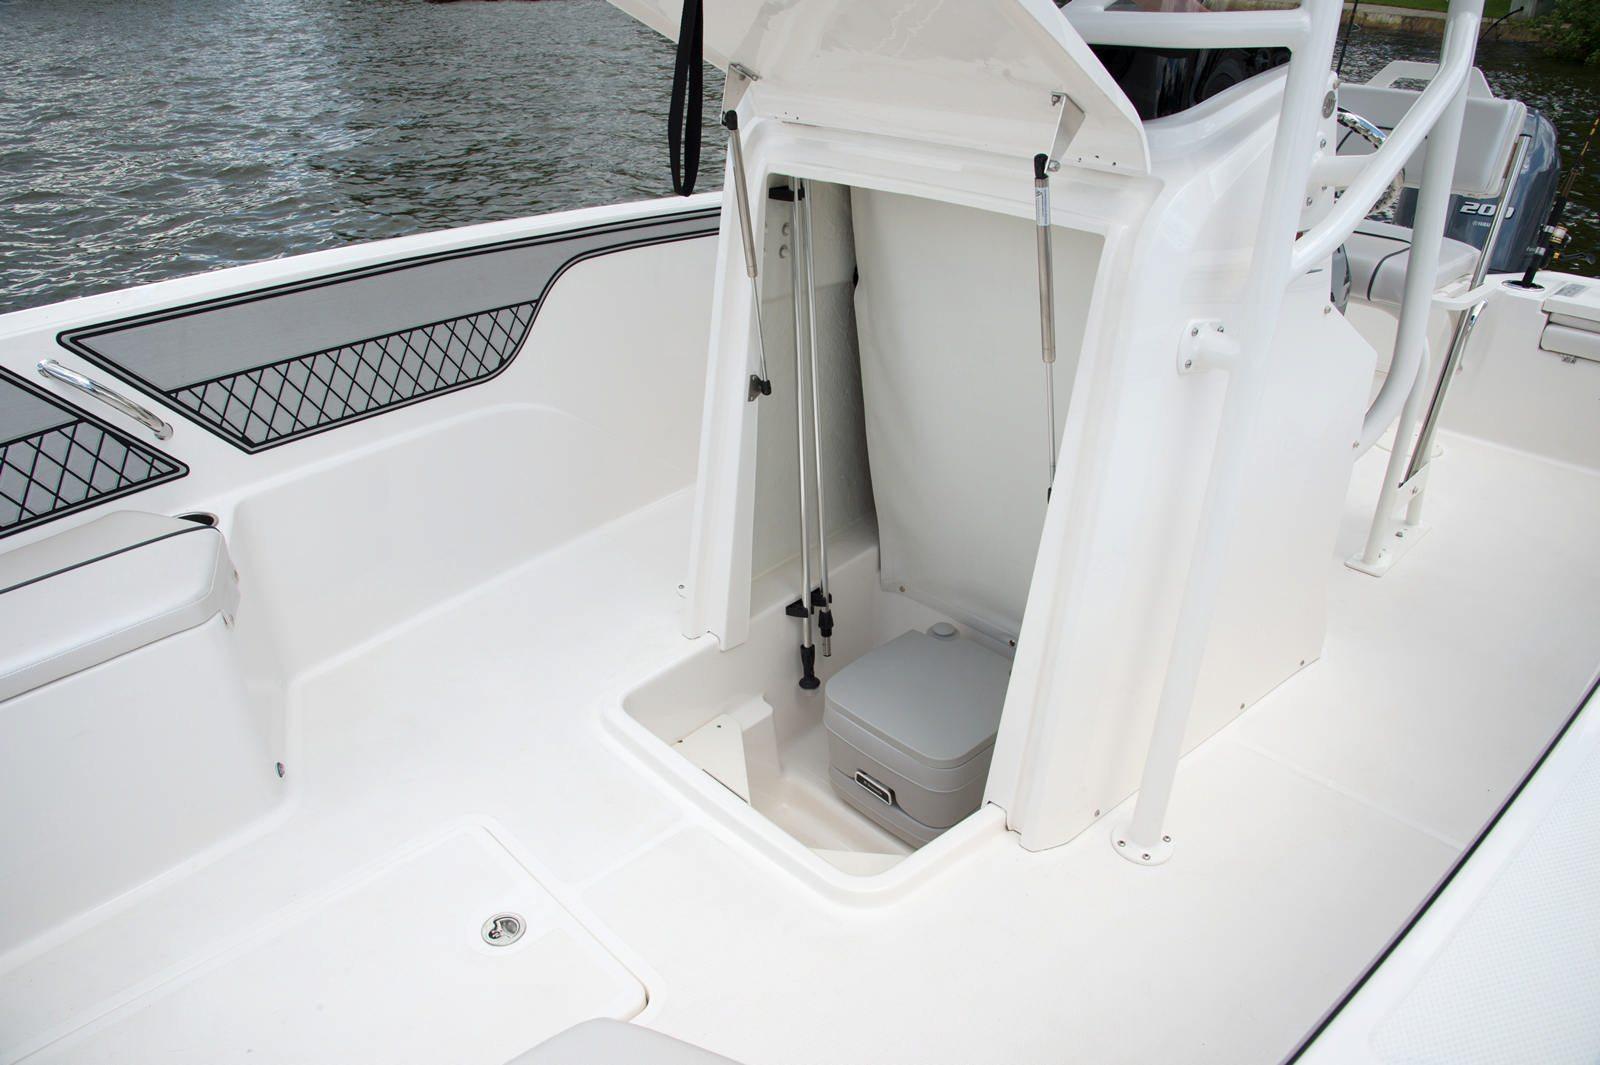 סירת דייג Wellcraft Fisherman 202 - סטרים יאכטות